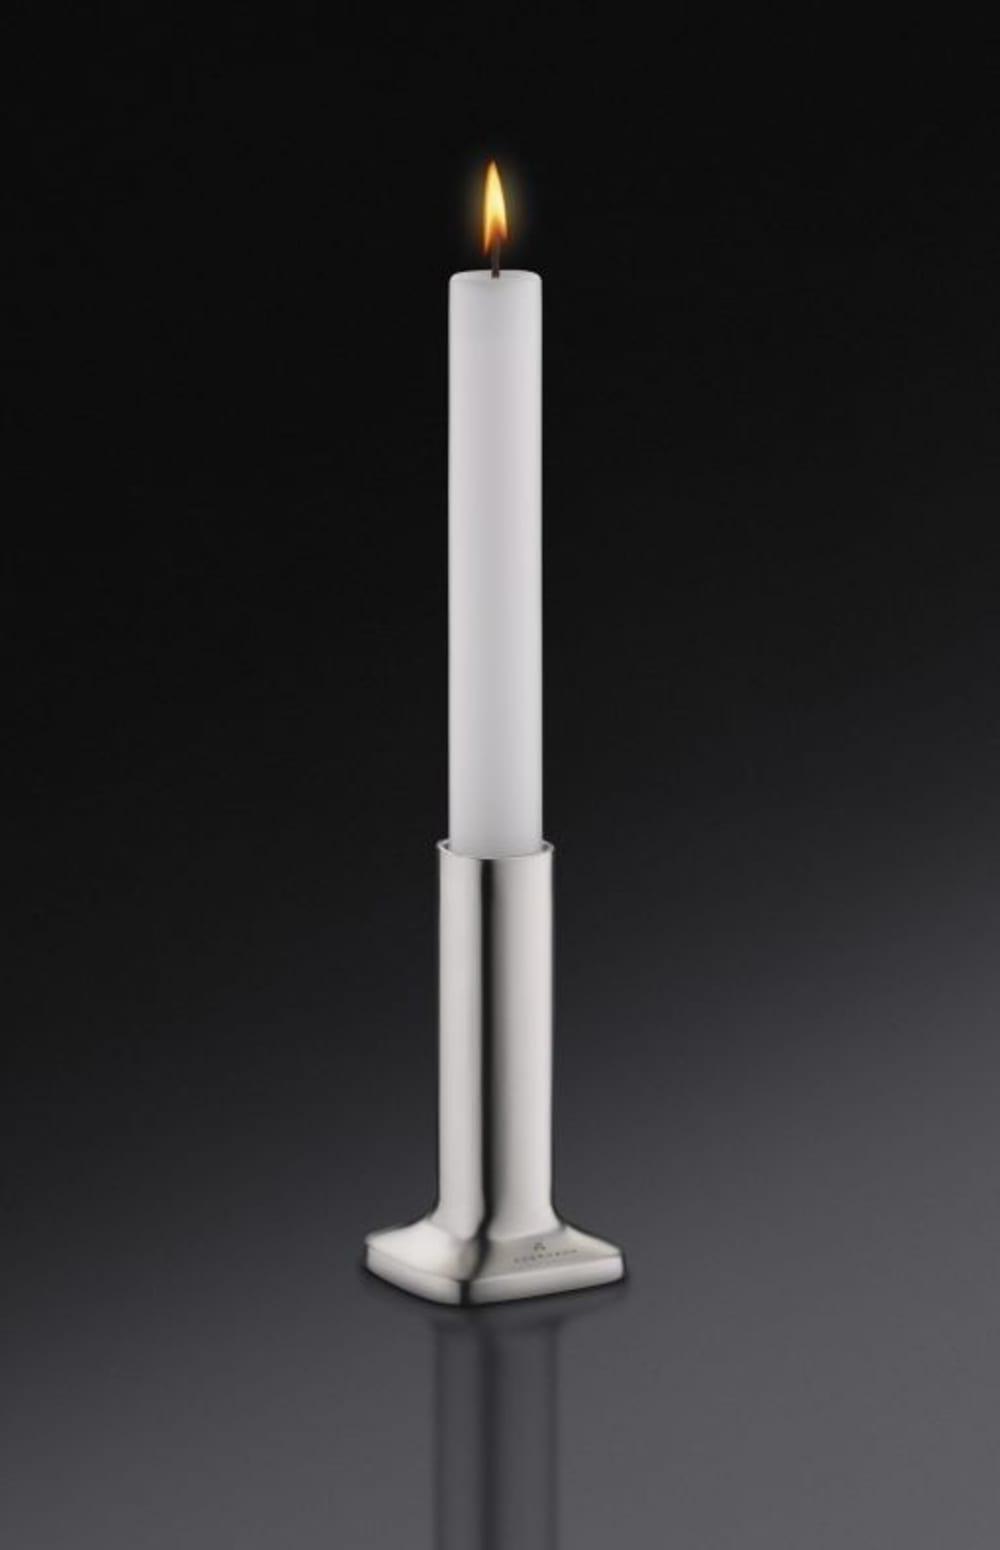 Auerhahn-Świecznik+świeca biała mat H10, bez opak